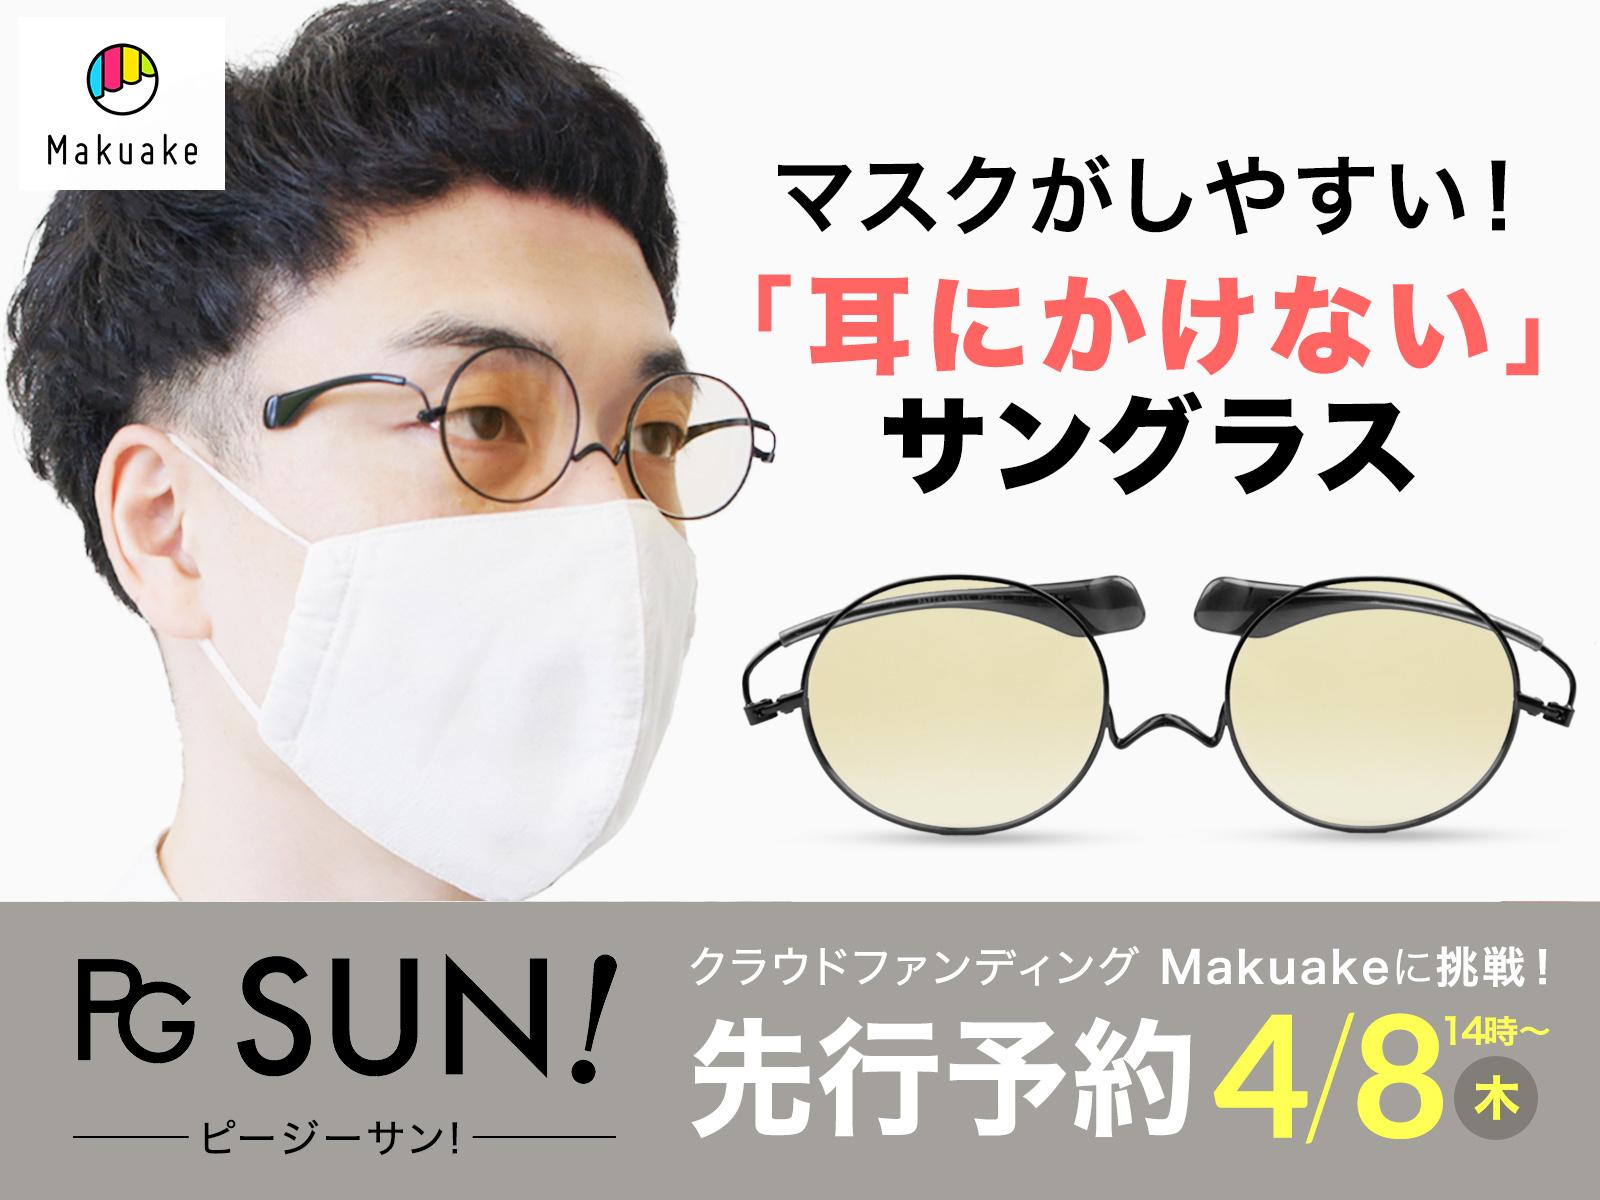 ペーパーグラス耳にかけない!おしゃれなサングラス『PG SUN!』 Makuake(マクアケ)で先行予約